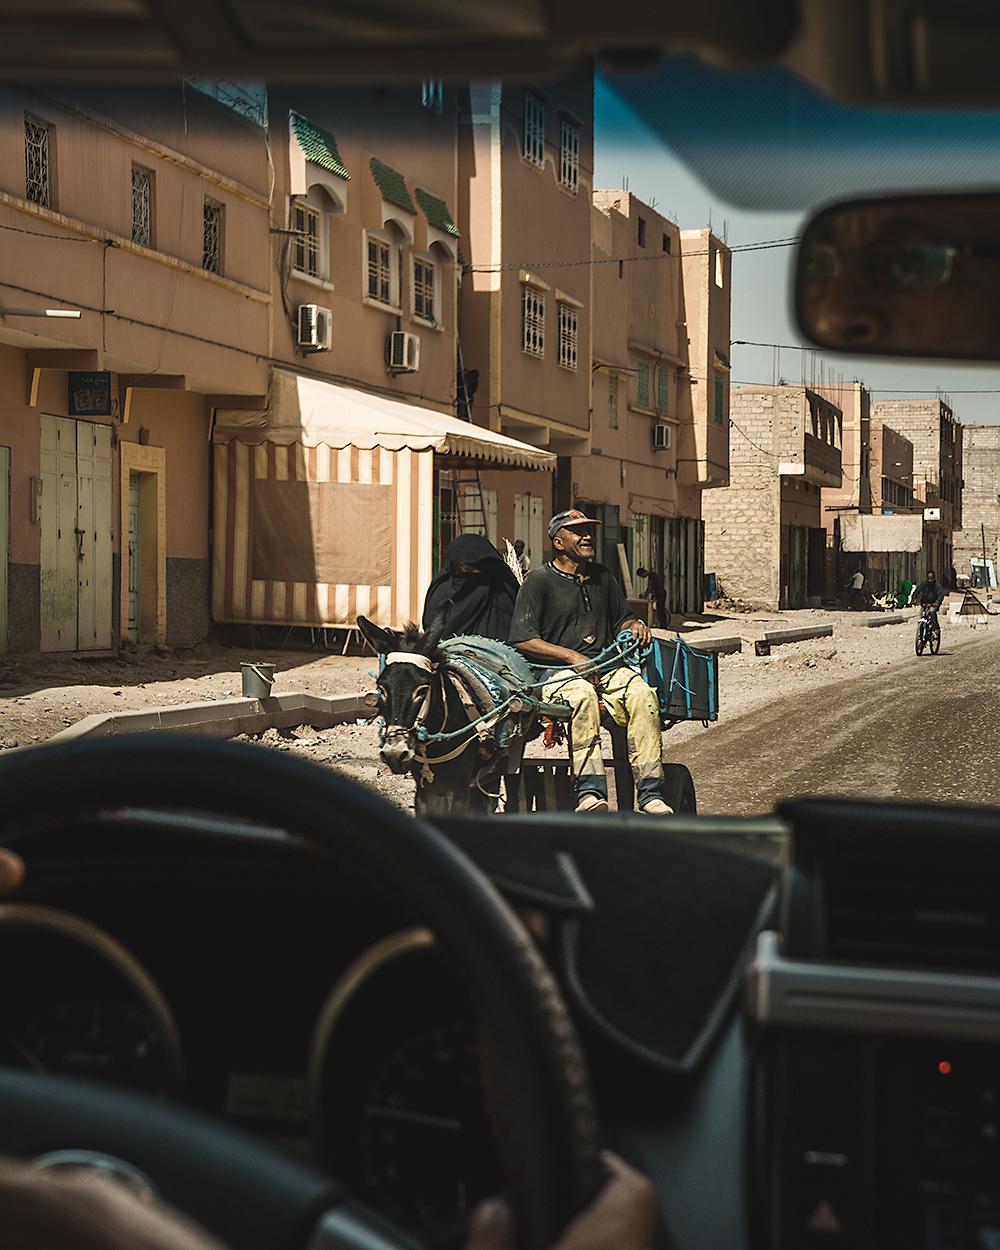 Viajar de carro em Marrocos é uma experiência especial, principalmente neste roteiro pelo Sul de Marrocos a caminho do deserto do Saara